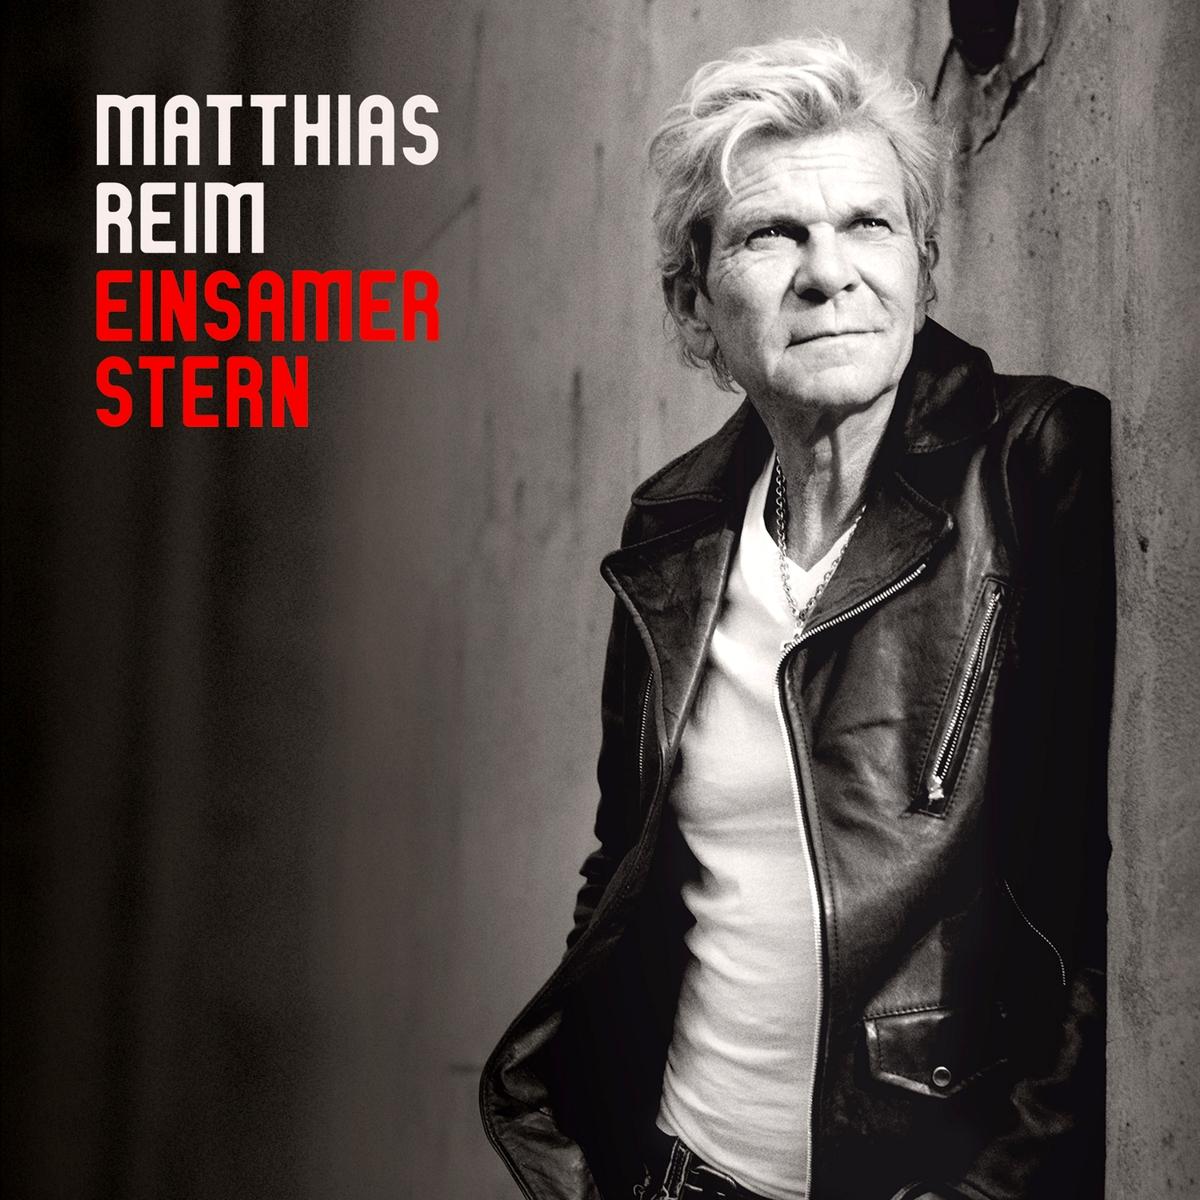 Matthias Reim Einsamer Stern Austrianchartsat